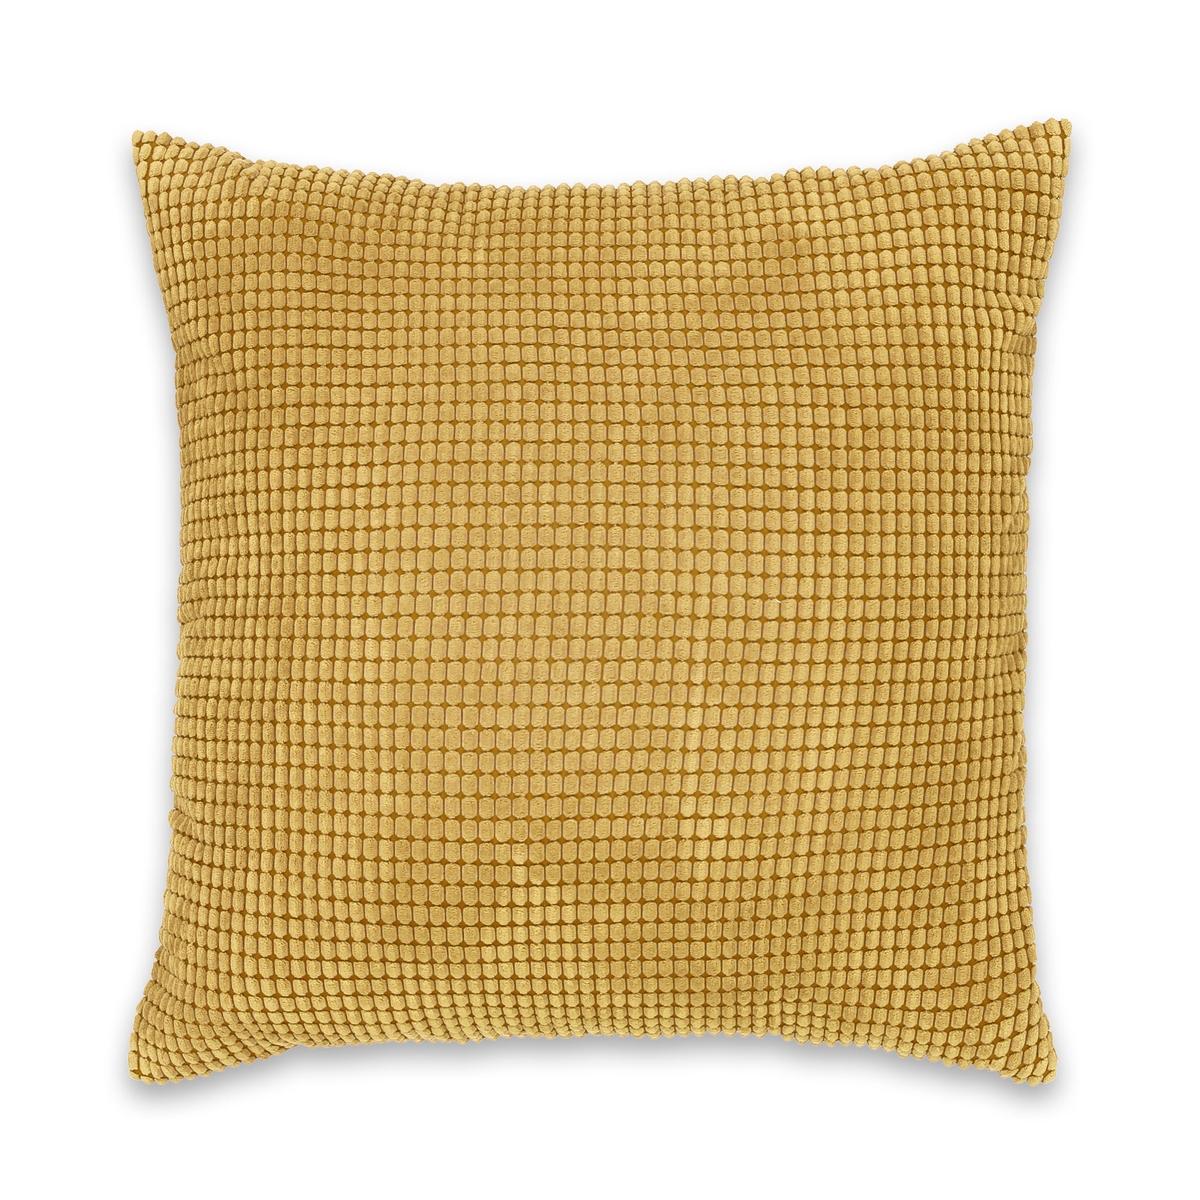 Чехол La Redoute Для подушки рельефный FLUFFY 65 x 65 см желтый чехол la redoute для подушки или наволочка однотонного цвета с помпонами riad 65 x 65 см розовый